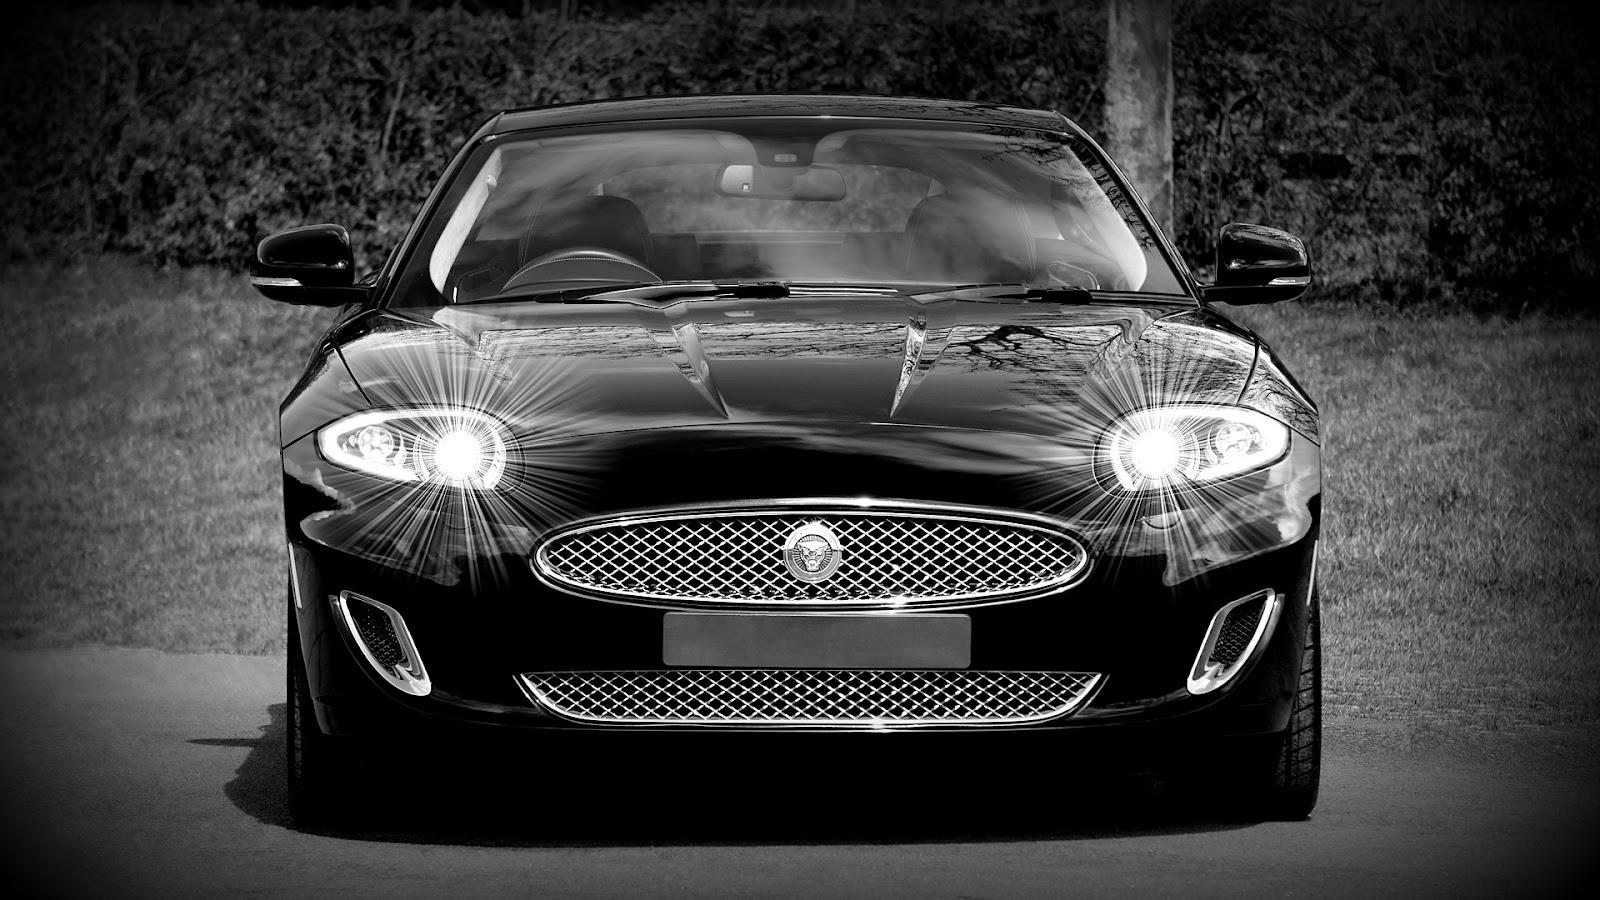 jaguar-1366978_1920.jpg